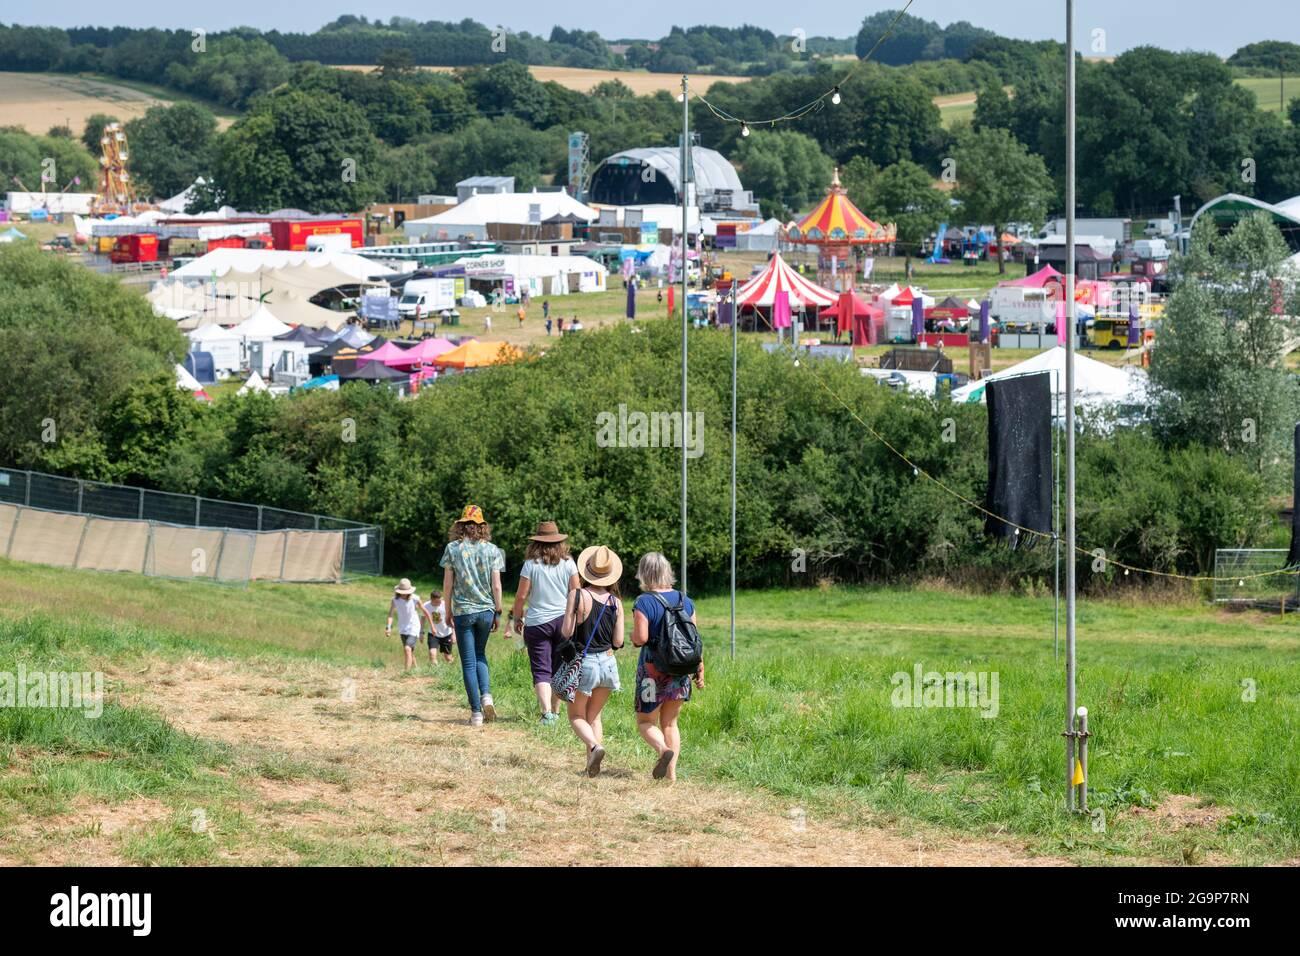 Standon, Hertfordshire, Royaume-Uni. 22 juillet 2021. Les gens arrivent au festival de musique d'appel Standon qui aura lieu ce week-end. C'est l'un des premiers fes Banque D'Images